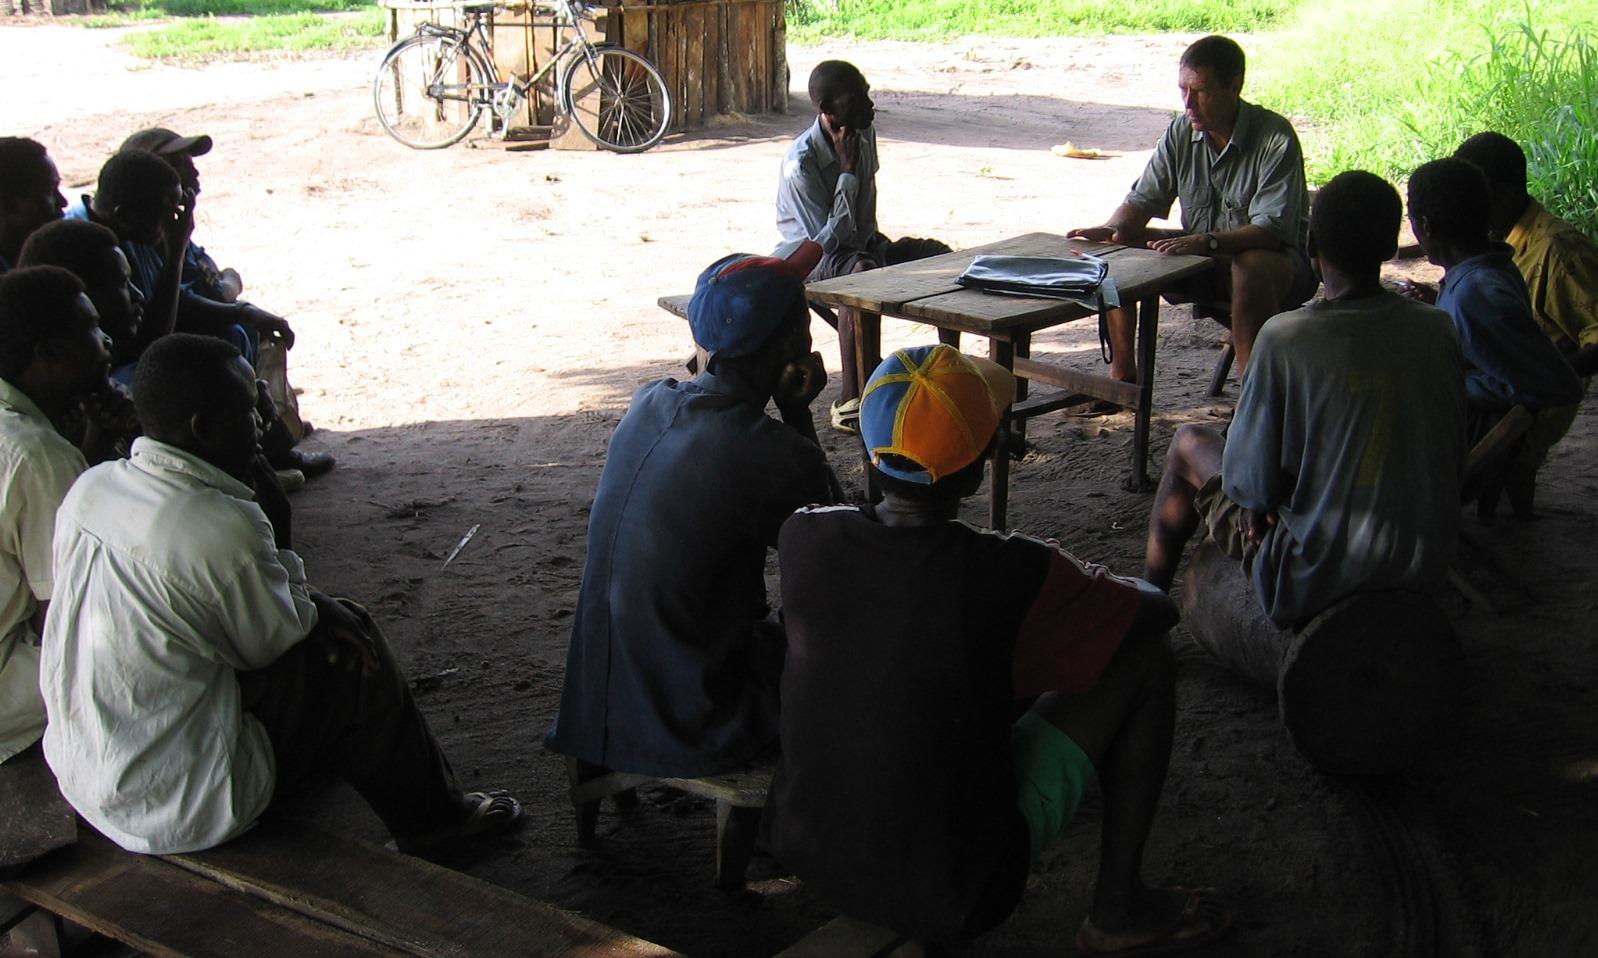 Pagamento à comunidade pelo reflorestamento  - Reforestation payments to community members